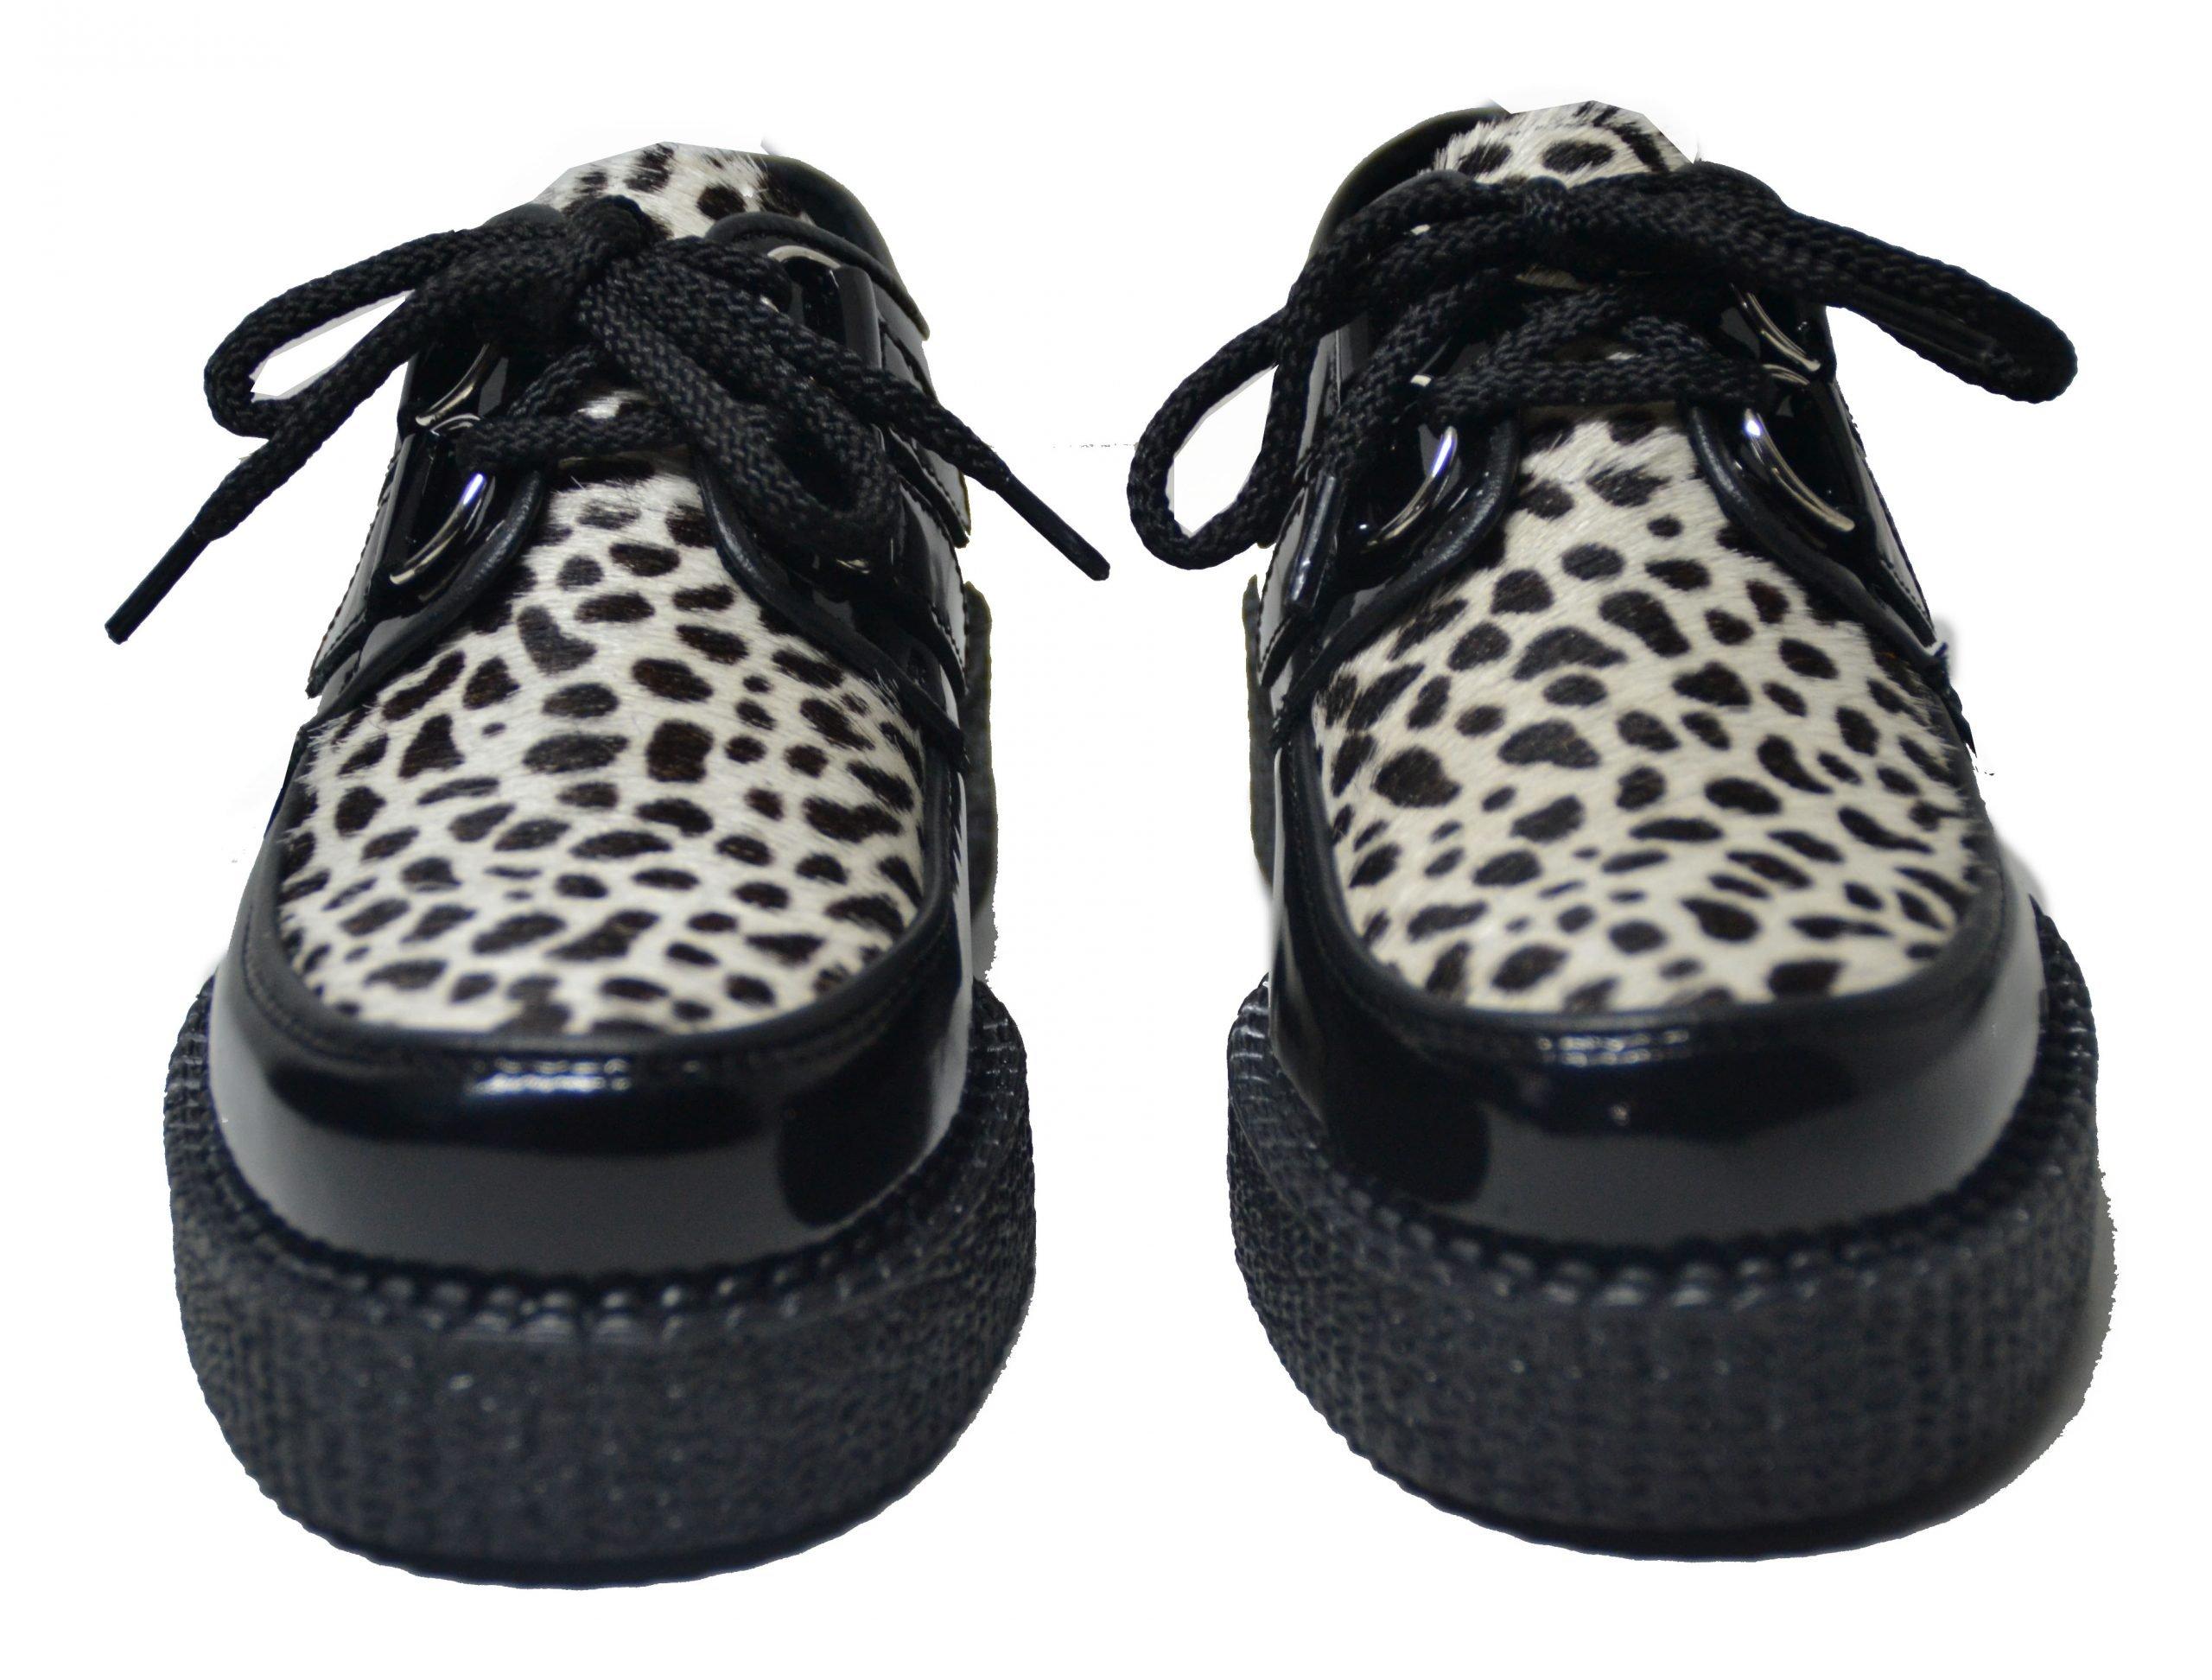 Sapato creeper, com espelho liso e cordão